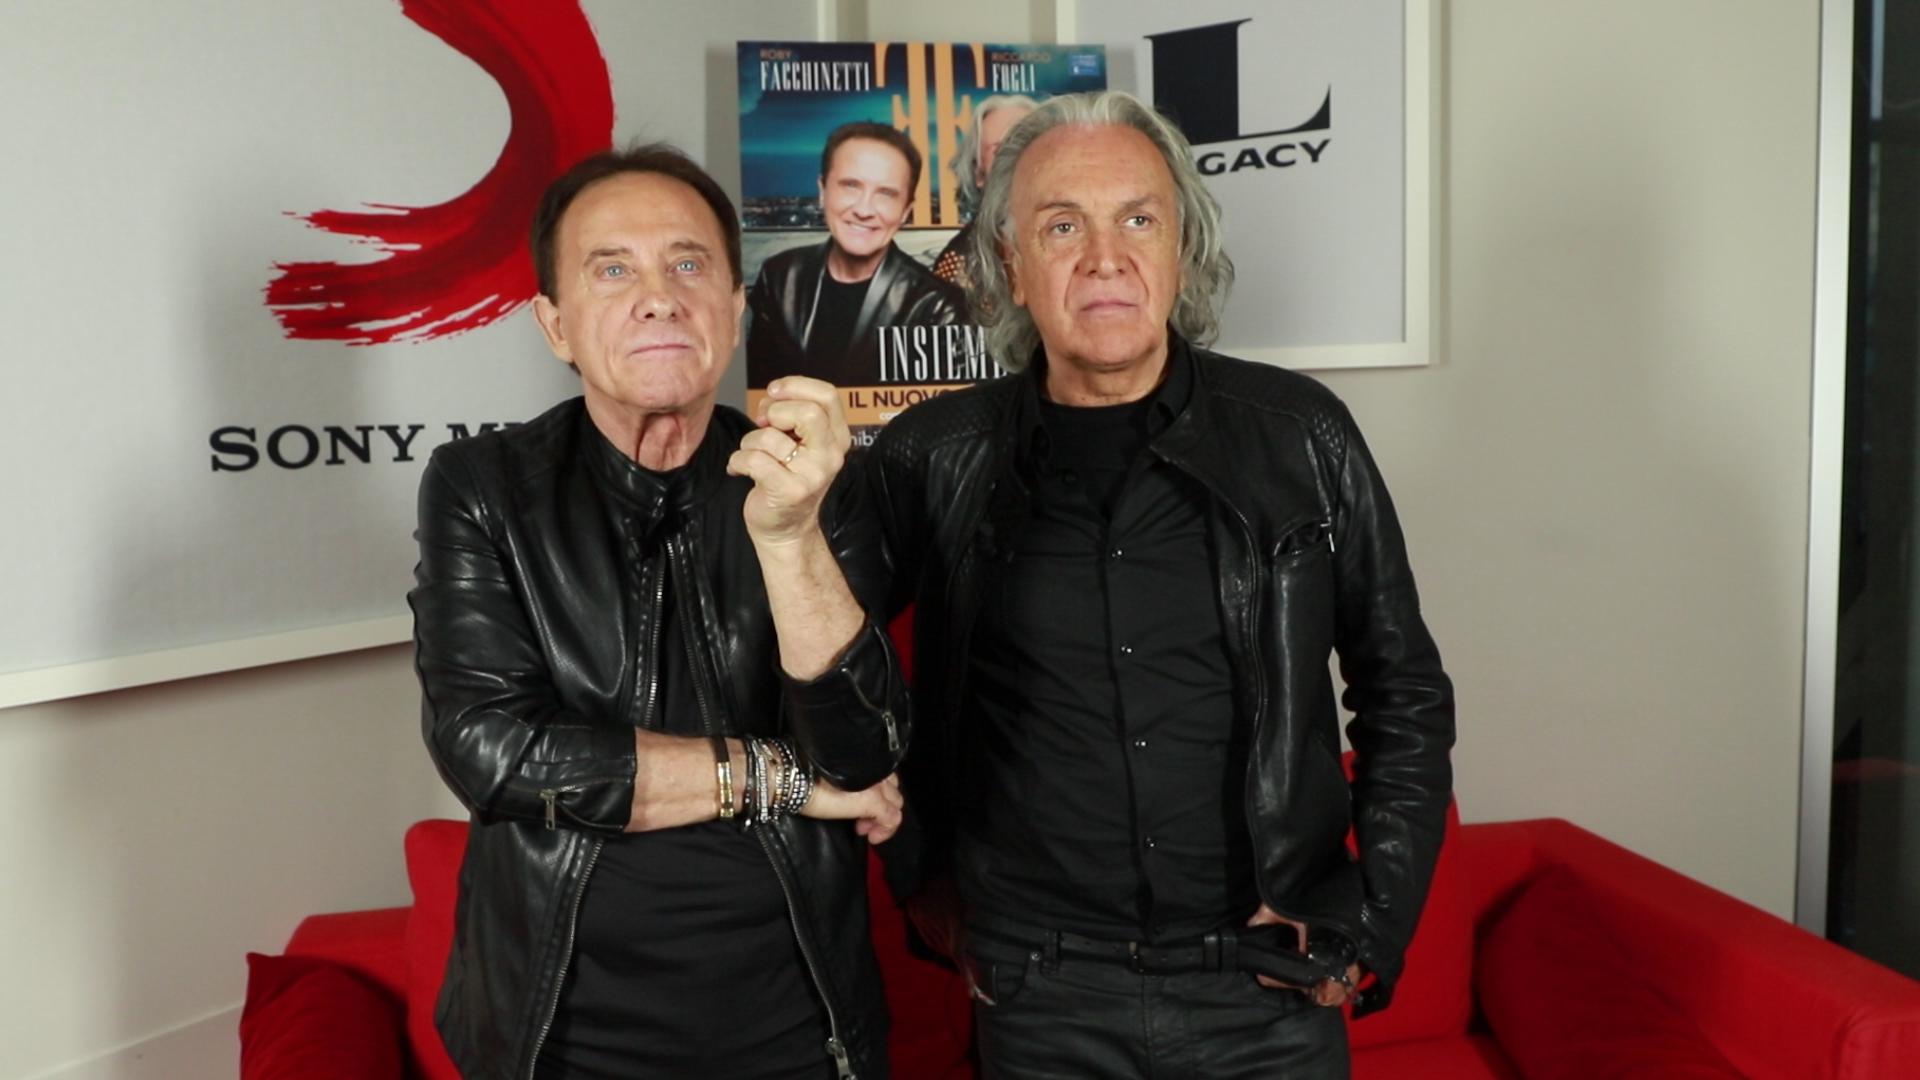 """Intervista a Roby Facchinetti e Riccardo Fogli: """"Insieme, la parola che da sempre ci accompagna"""""""